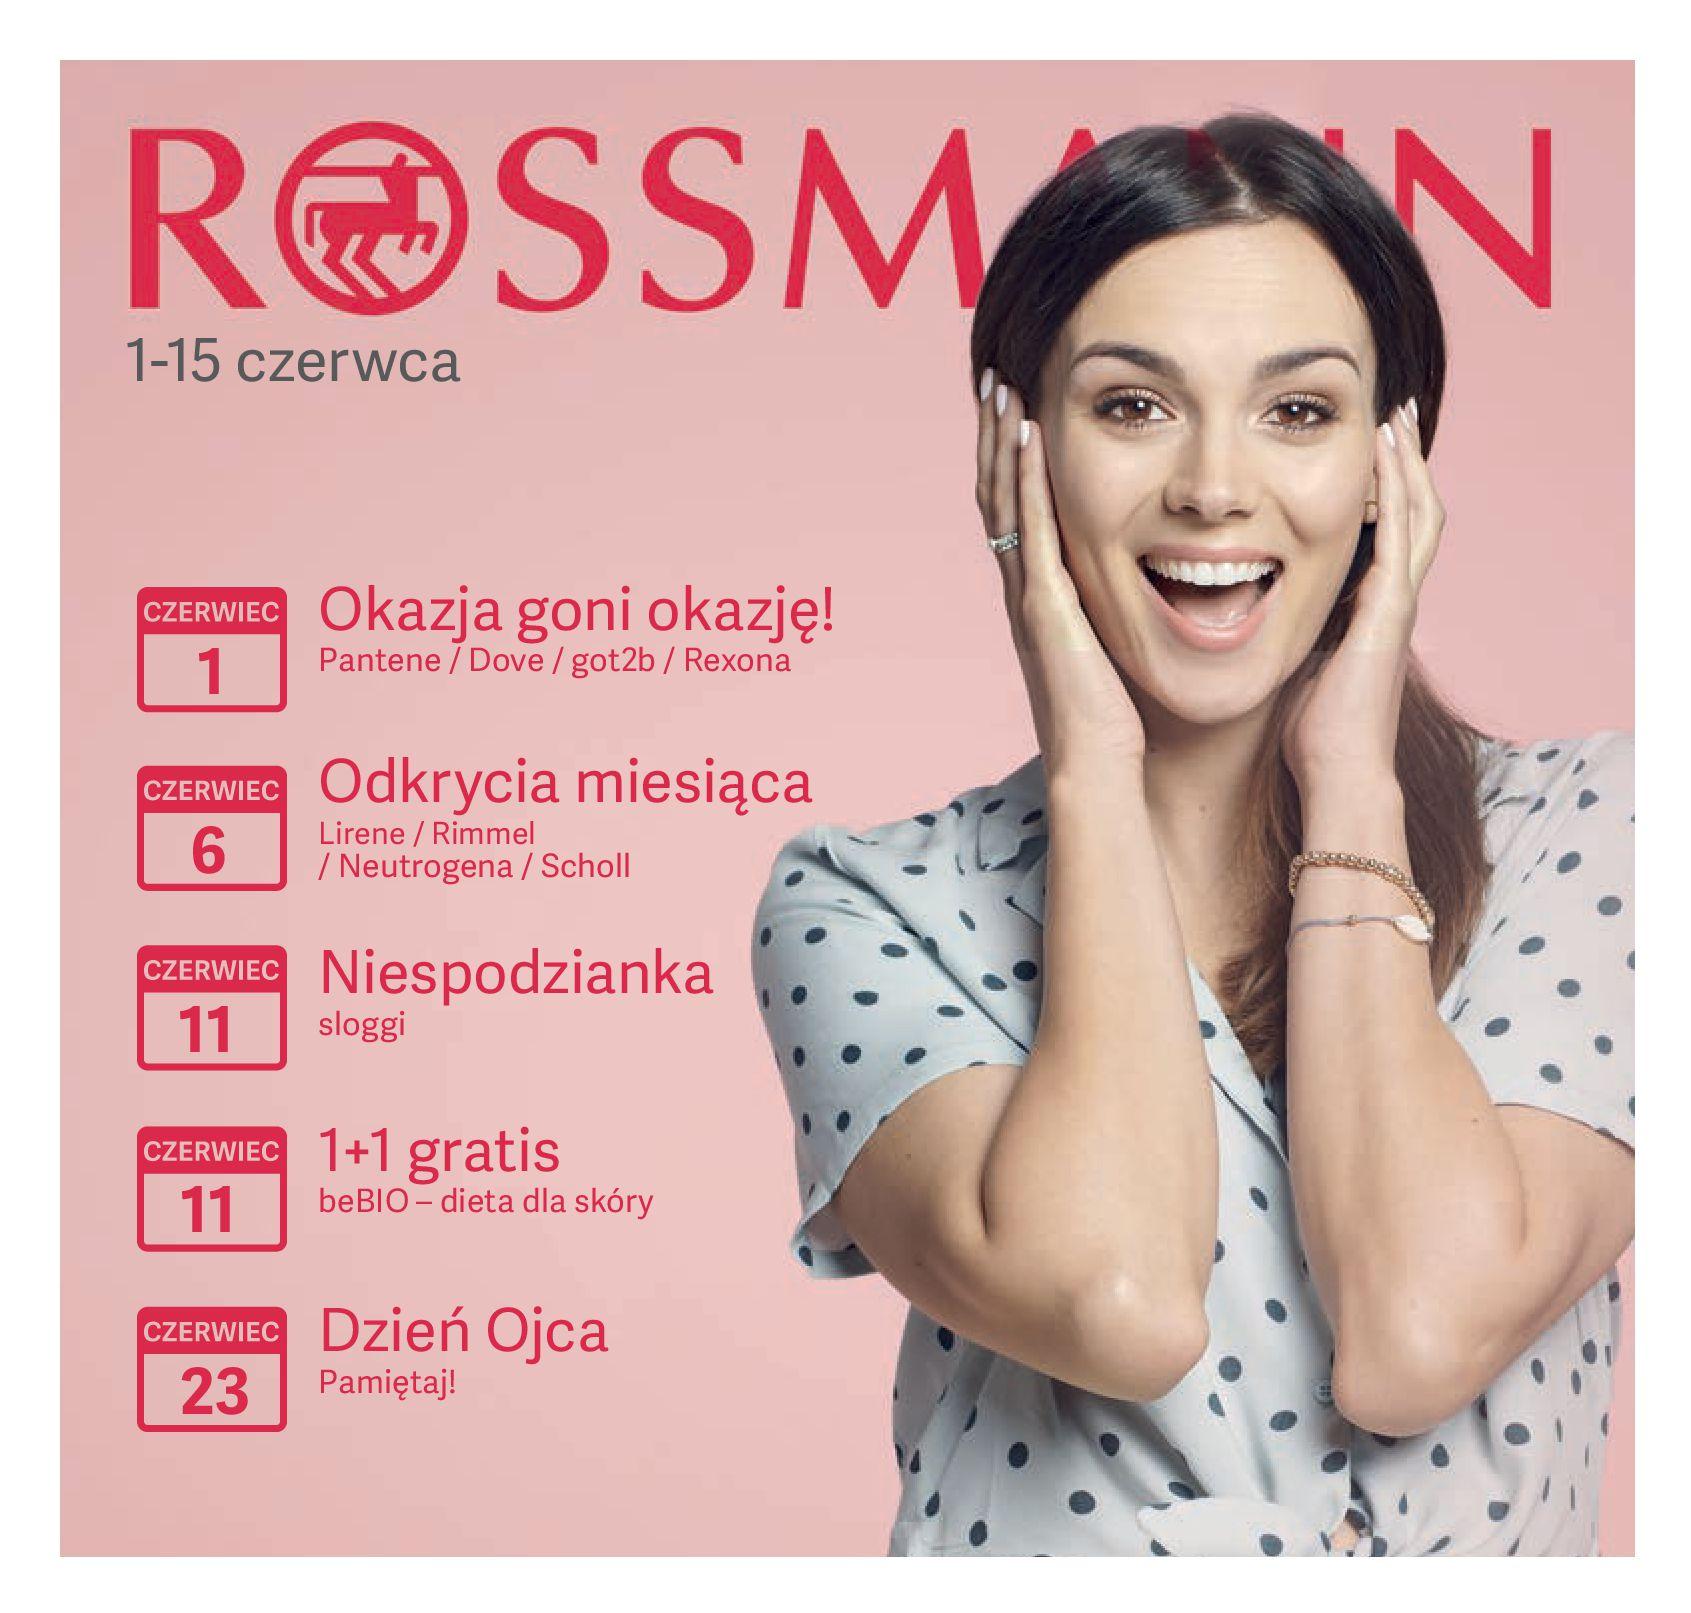 Gazetka Rossmann - Promocje w czerwcu-31.05.2019-15.06.2019-page-